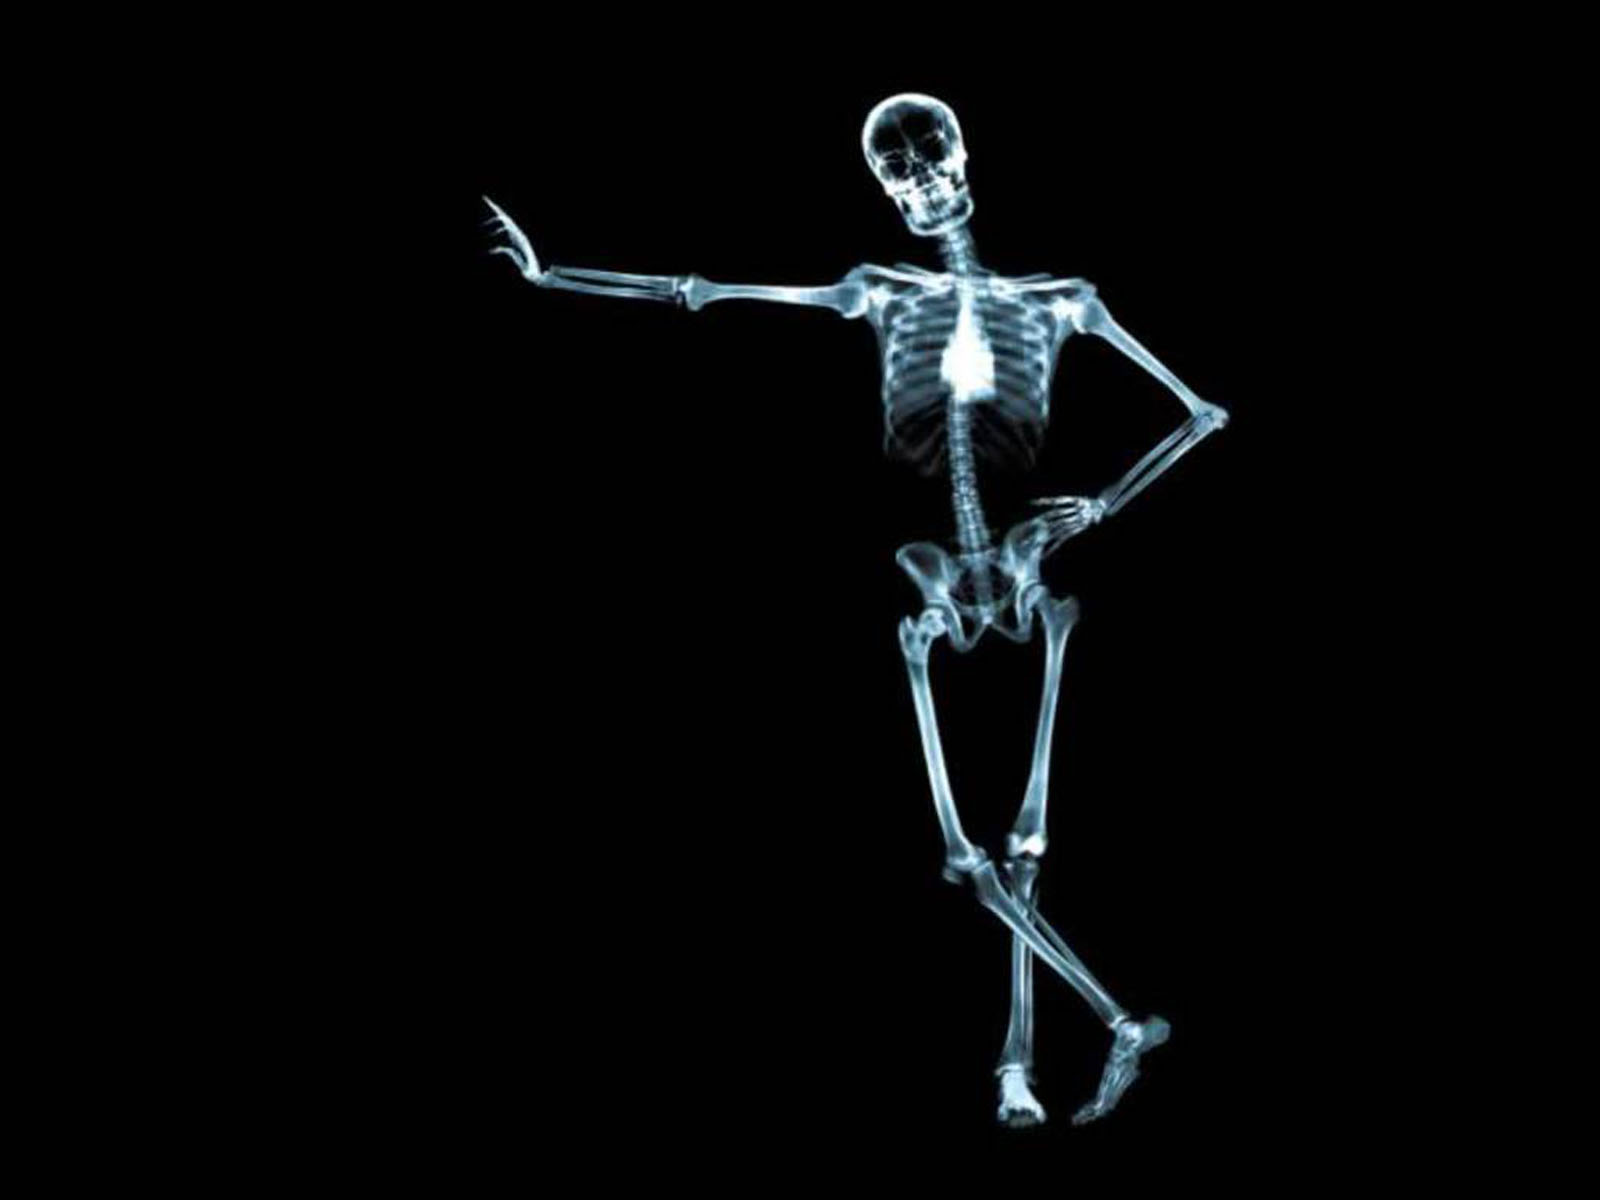 http://2.bp.blogspot.com/-AJzw1ZvuPTU/T4U_ZAWVZMI/AAAAAAAAB-0/_BJpZhbHX7w/s1600/Skeleton+Wallpapers+4.jpg